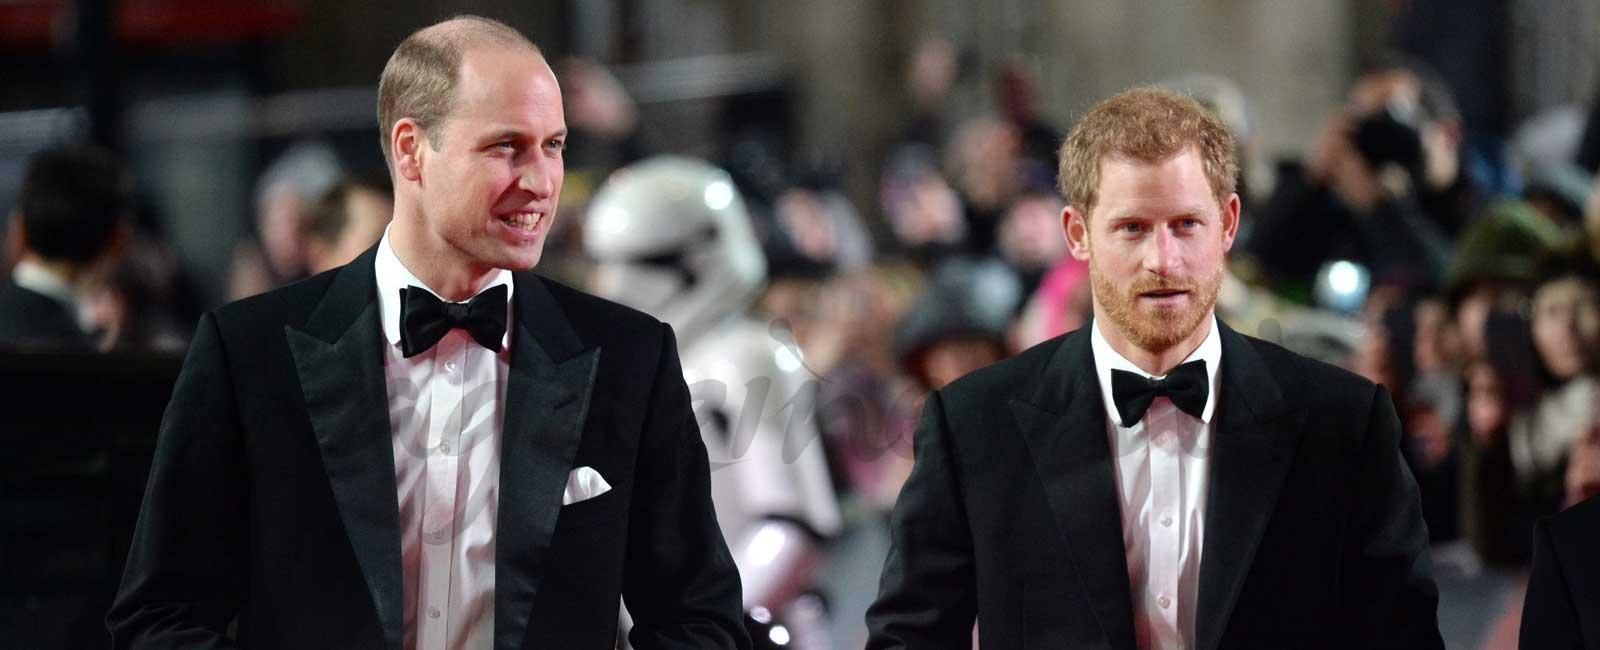 ¡Confirmado! El príncipe Guillermo será el padrino de boda de su hermano Harry